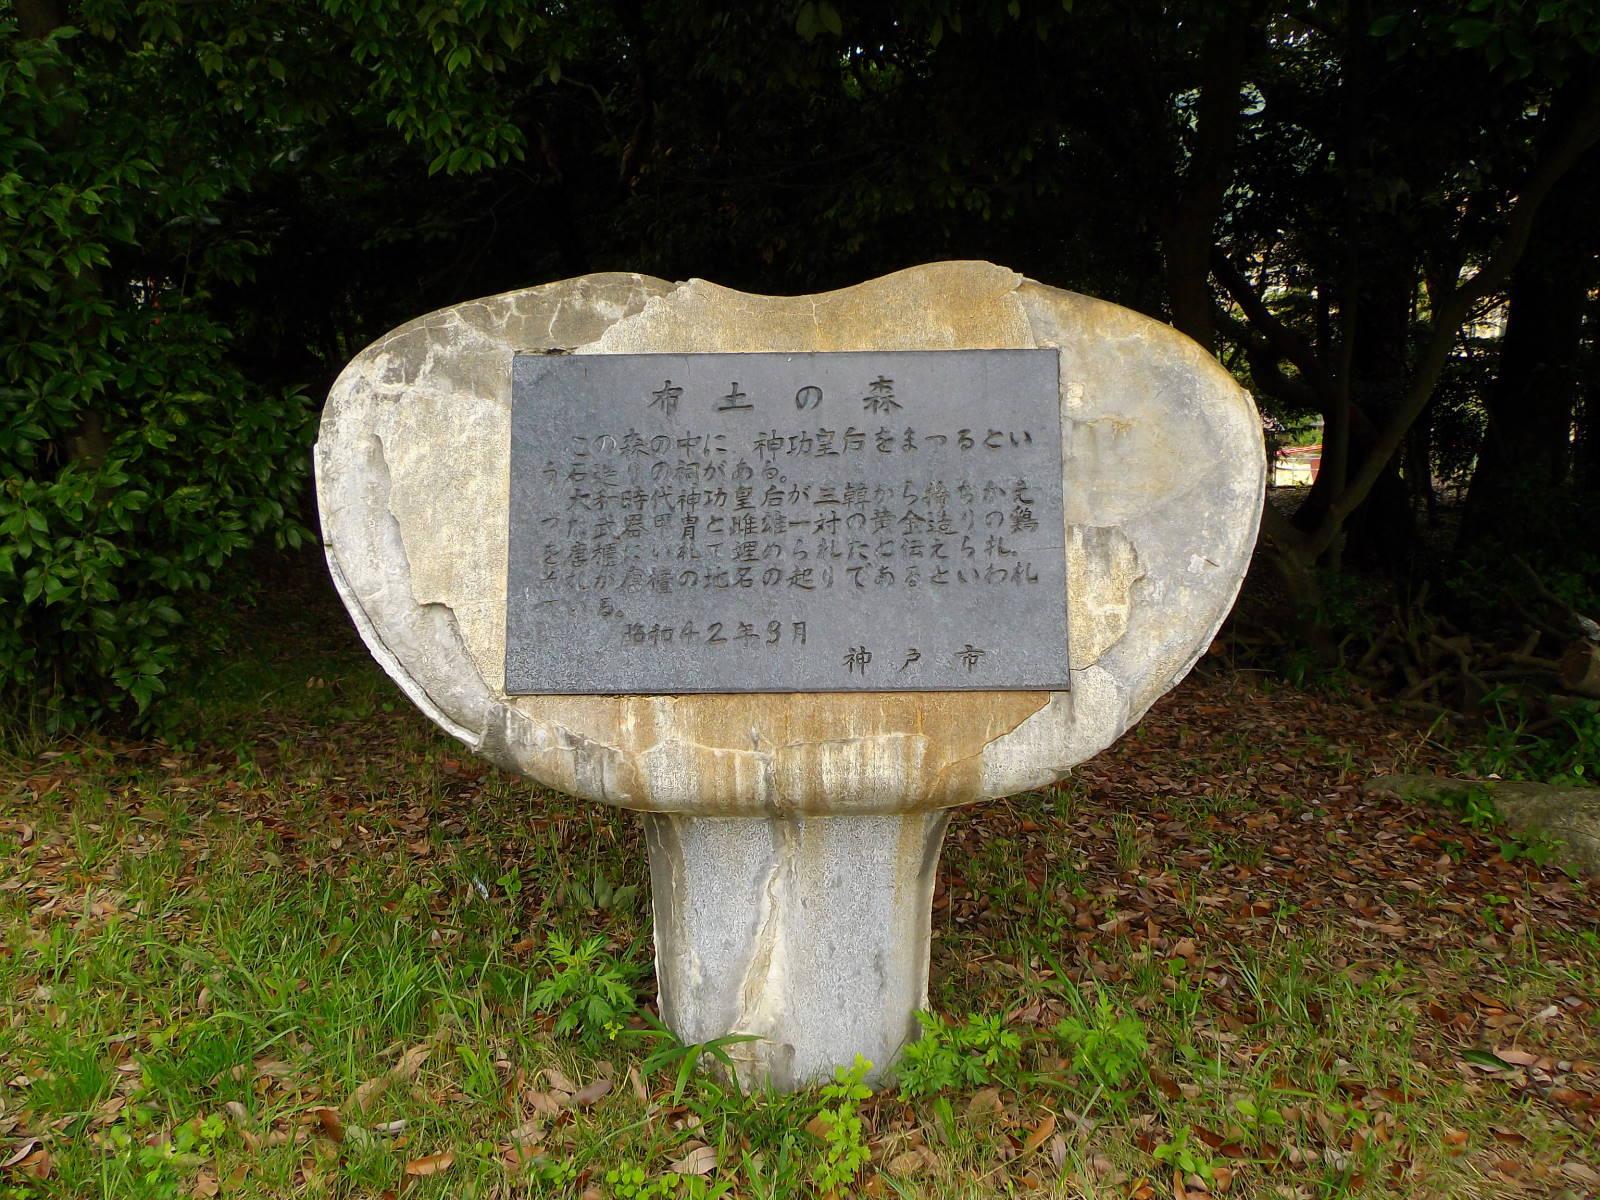 ぶらり散歩路 神戸市北区「唐櫃石神社」